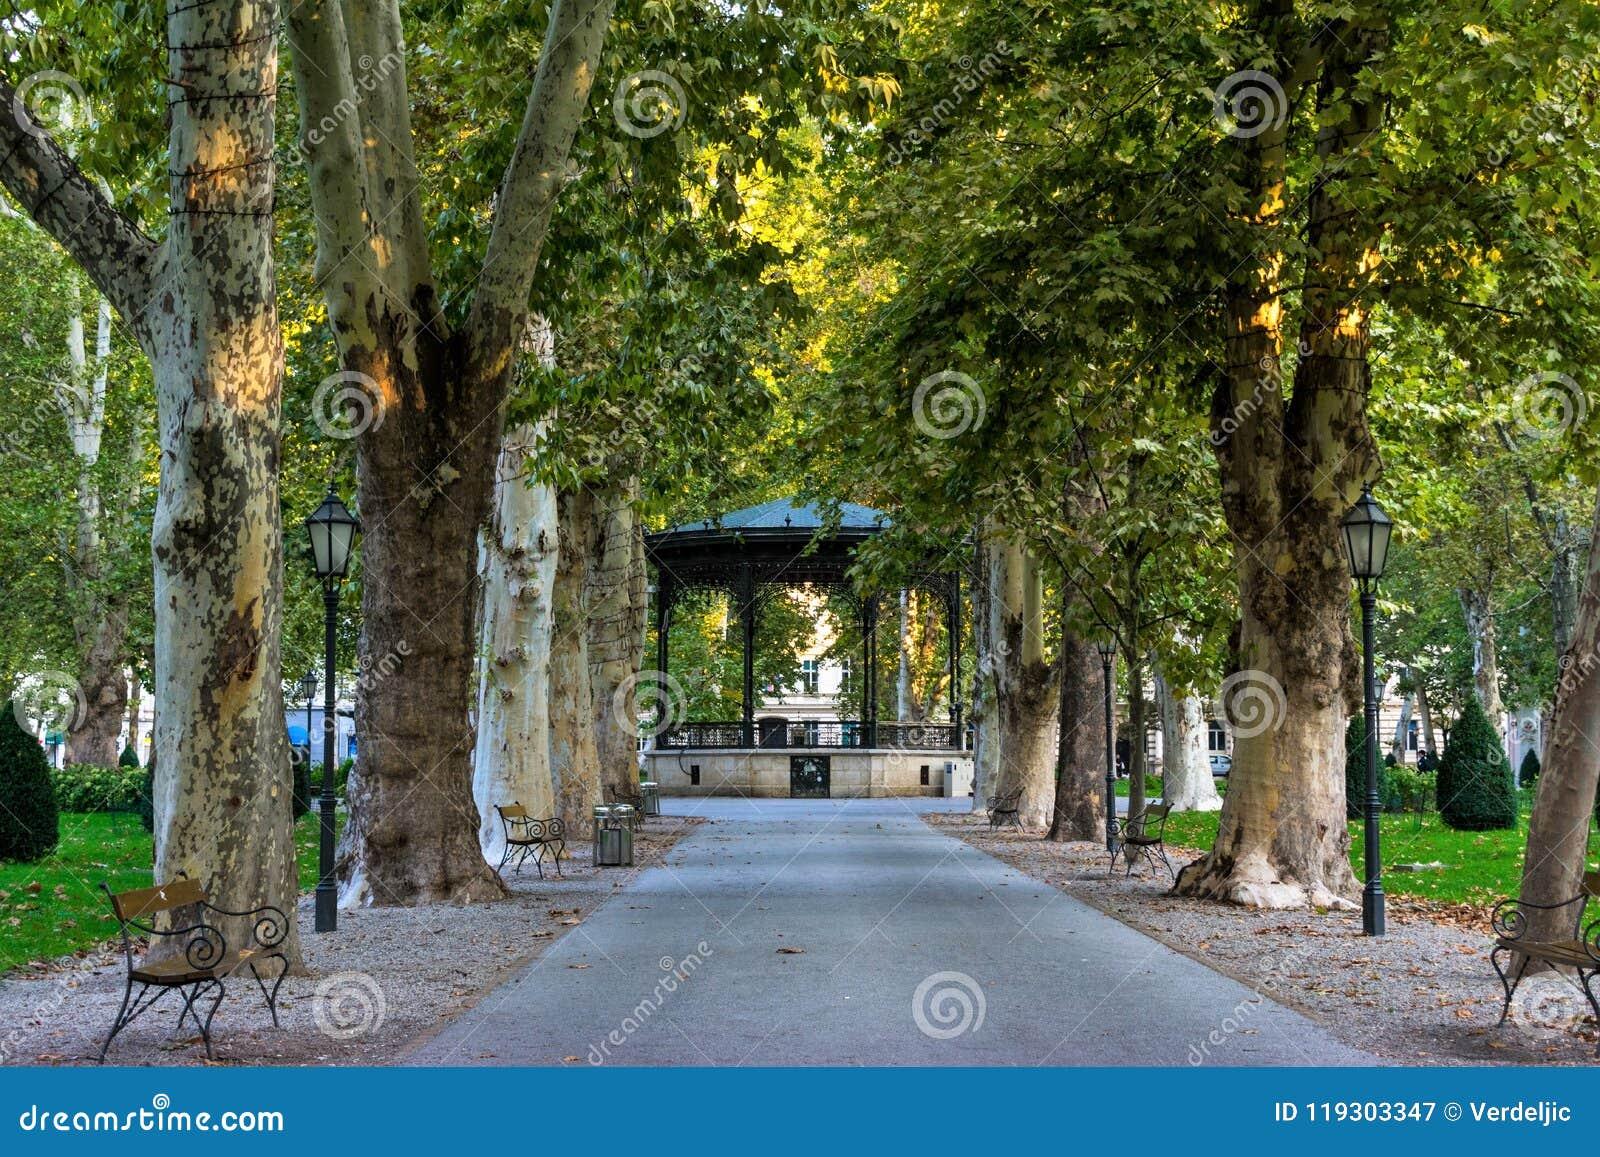 著名Zrinjevac公园的看法在萨格勒布,克罗地亚的市中心